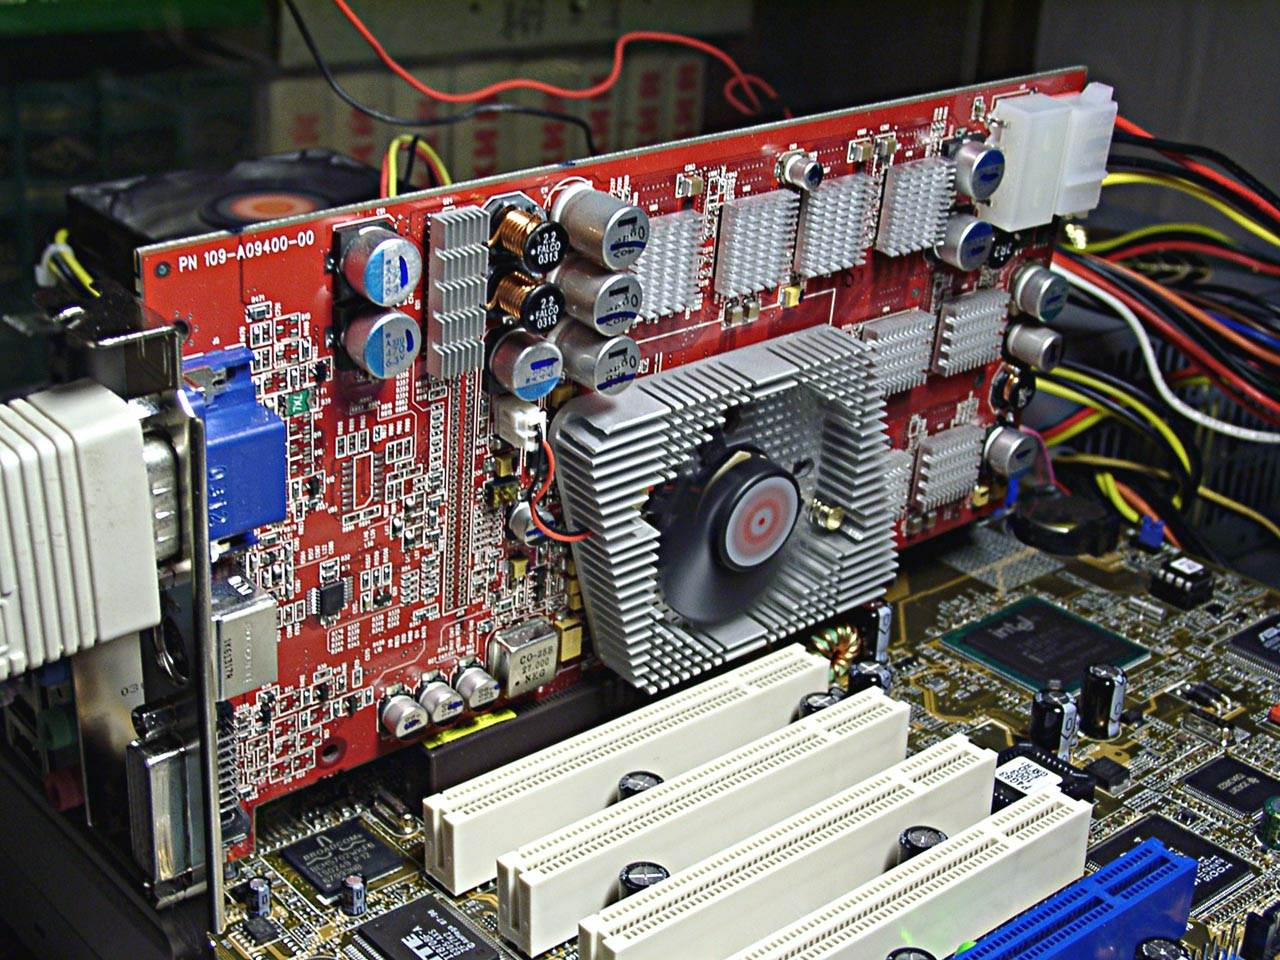 November 2003 3Digest ATI RADEON 9800 PRO 256MB DDR 2 380 700 MHz